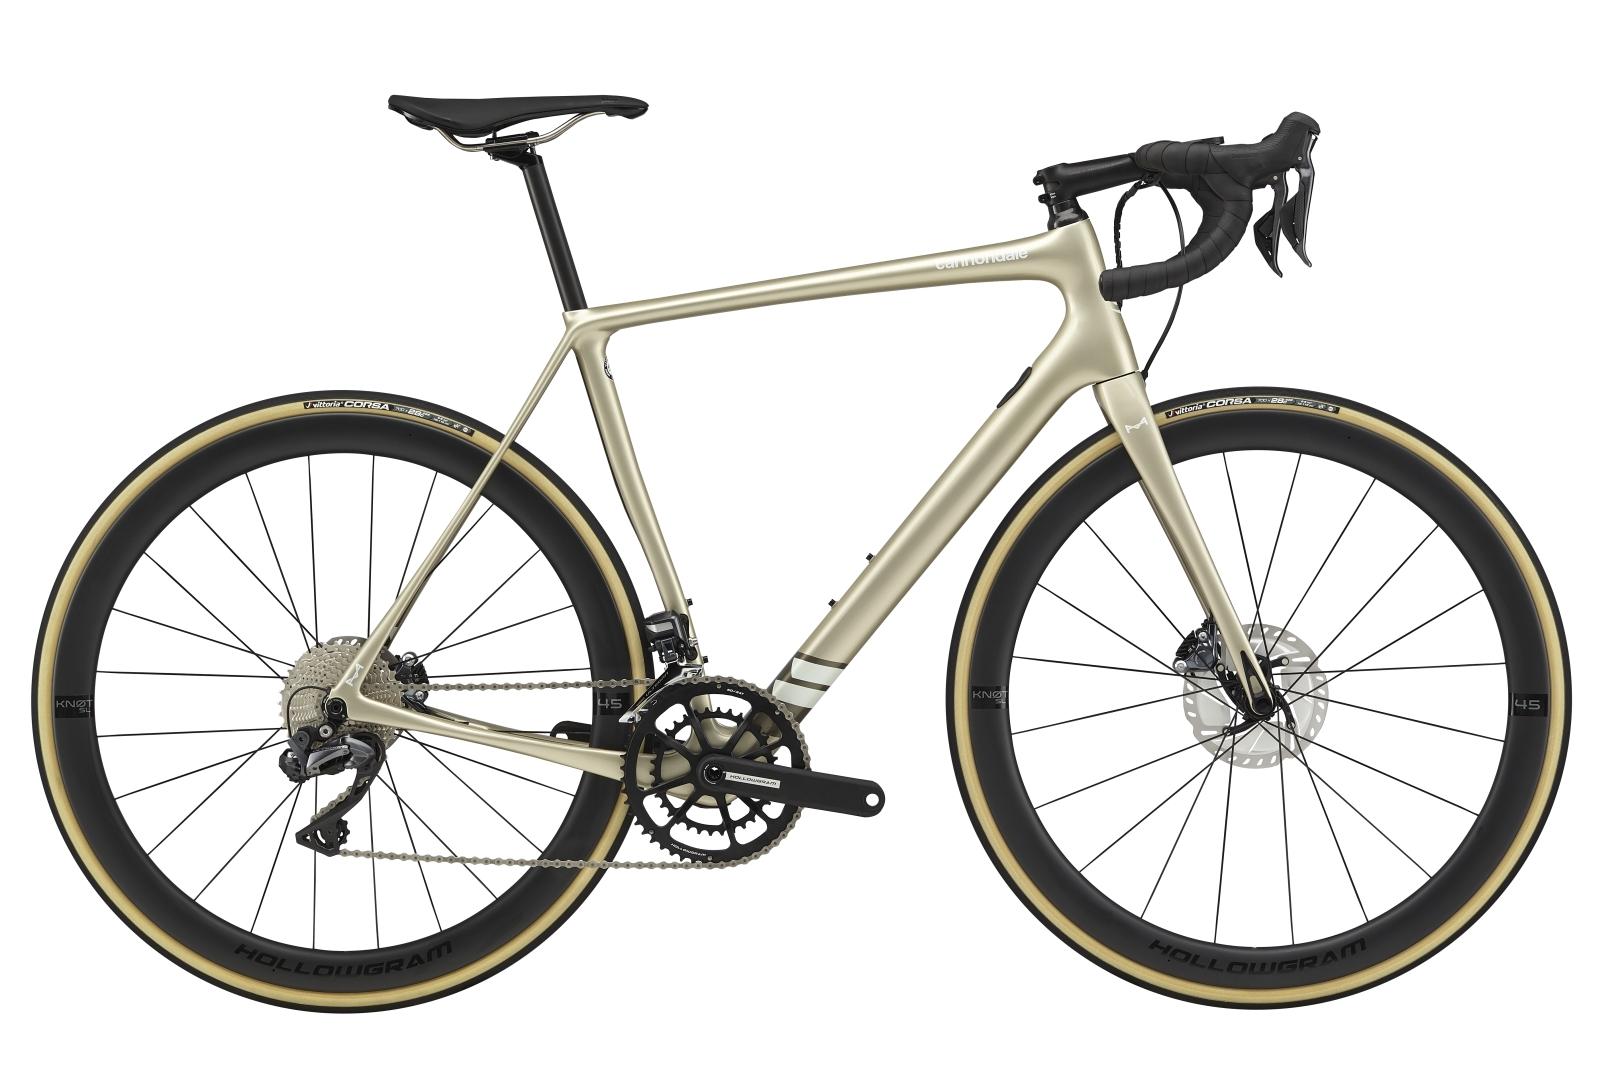 Cannondale Synapse Carbon Hi-MOD Disc Ultegra Di2 országúti kerékpár - pezsgő - 54 cm (2020)